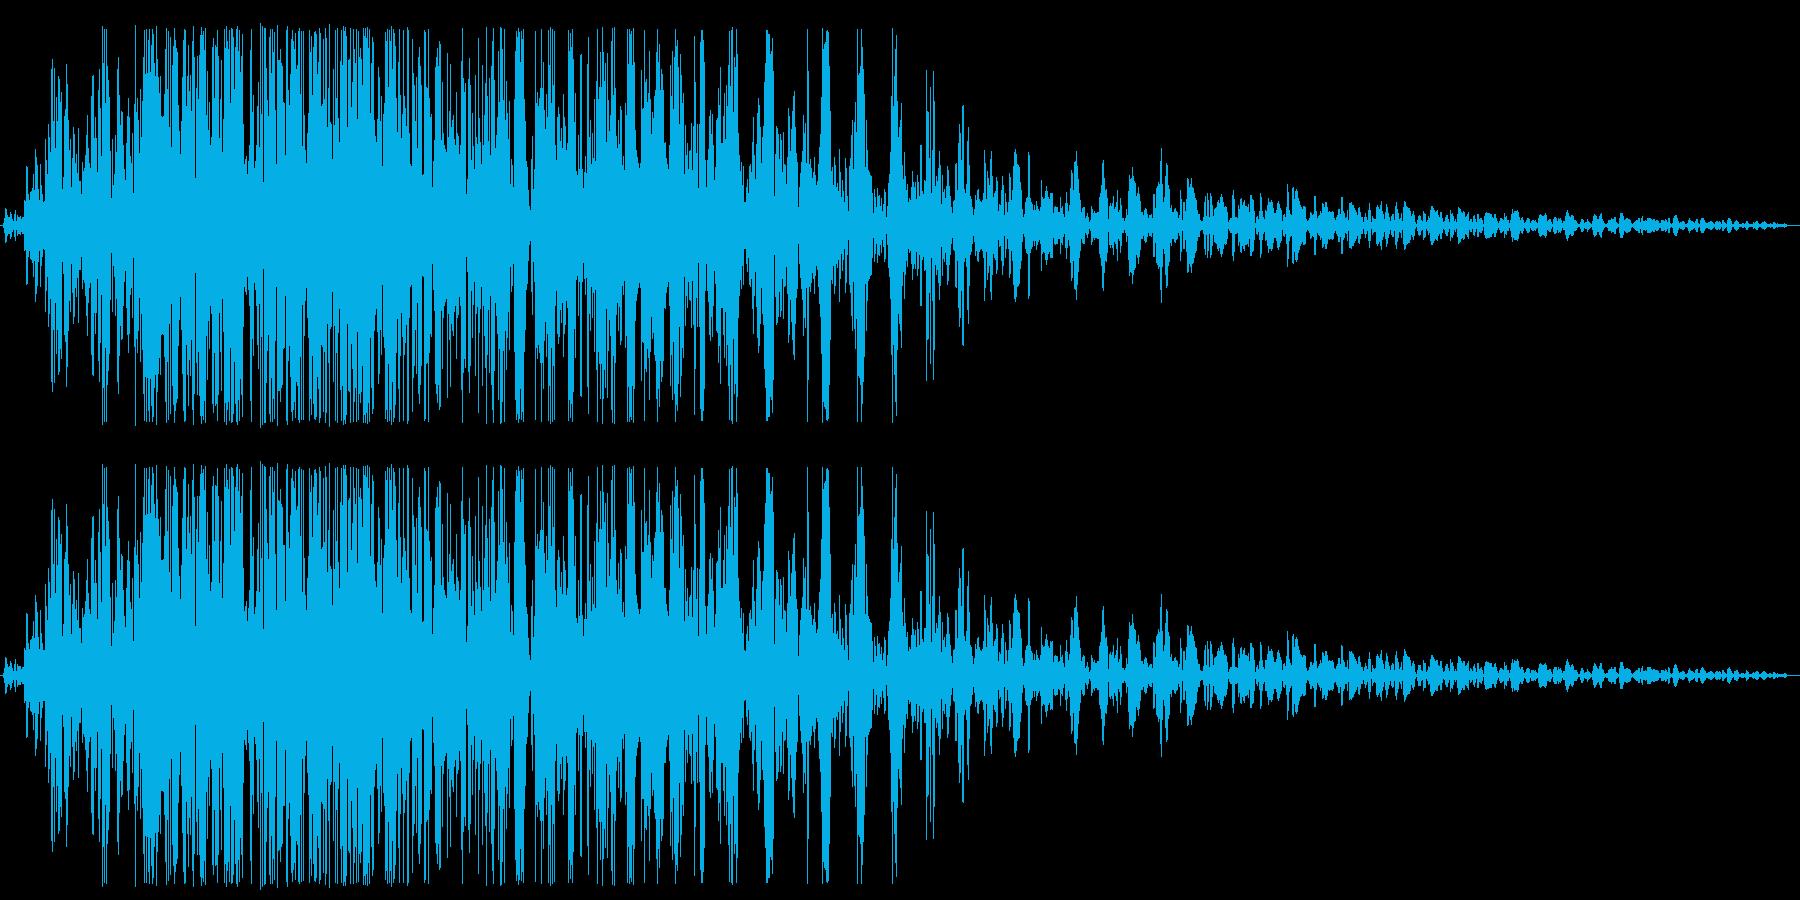 ガオー(猛獣、ライオンのうなり声控えめ)の再生済みの波形